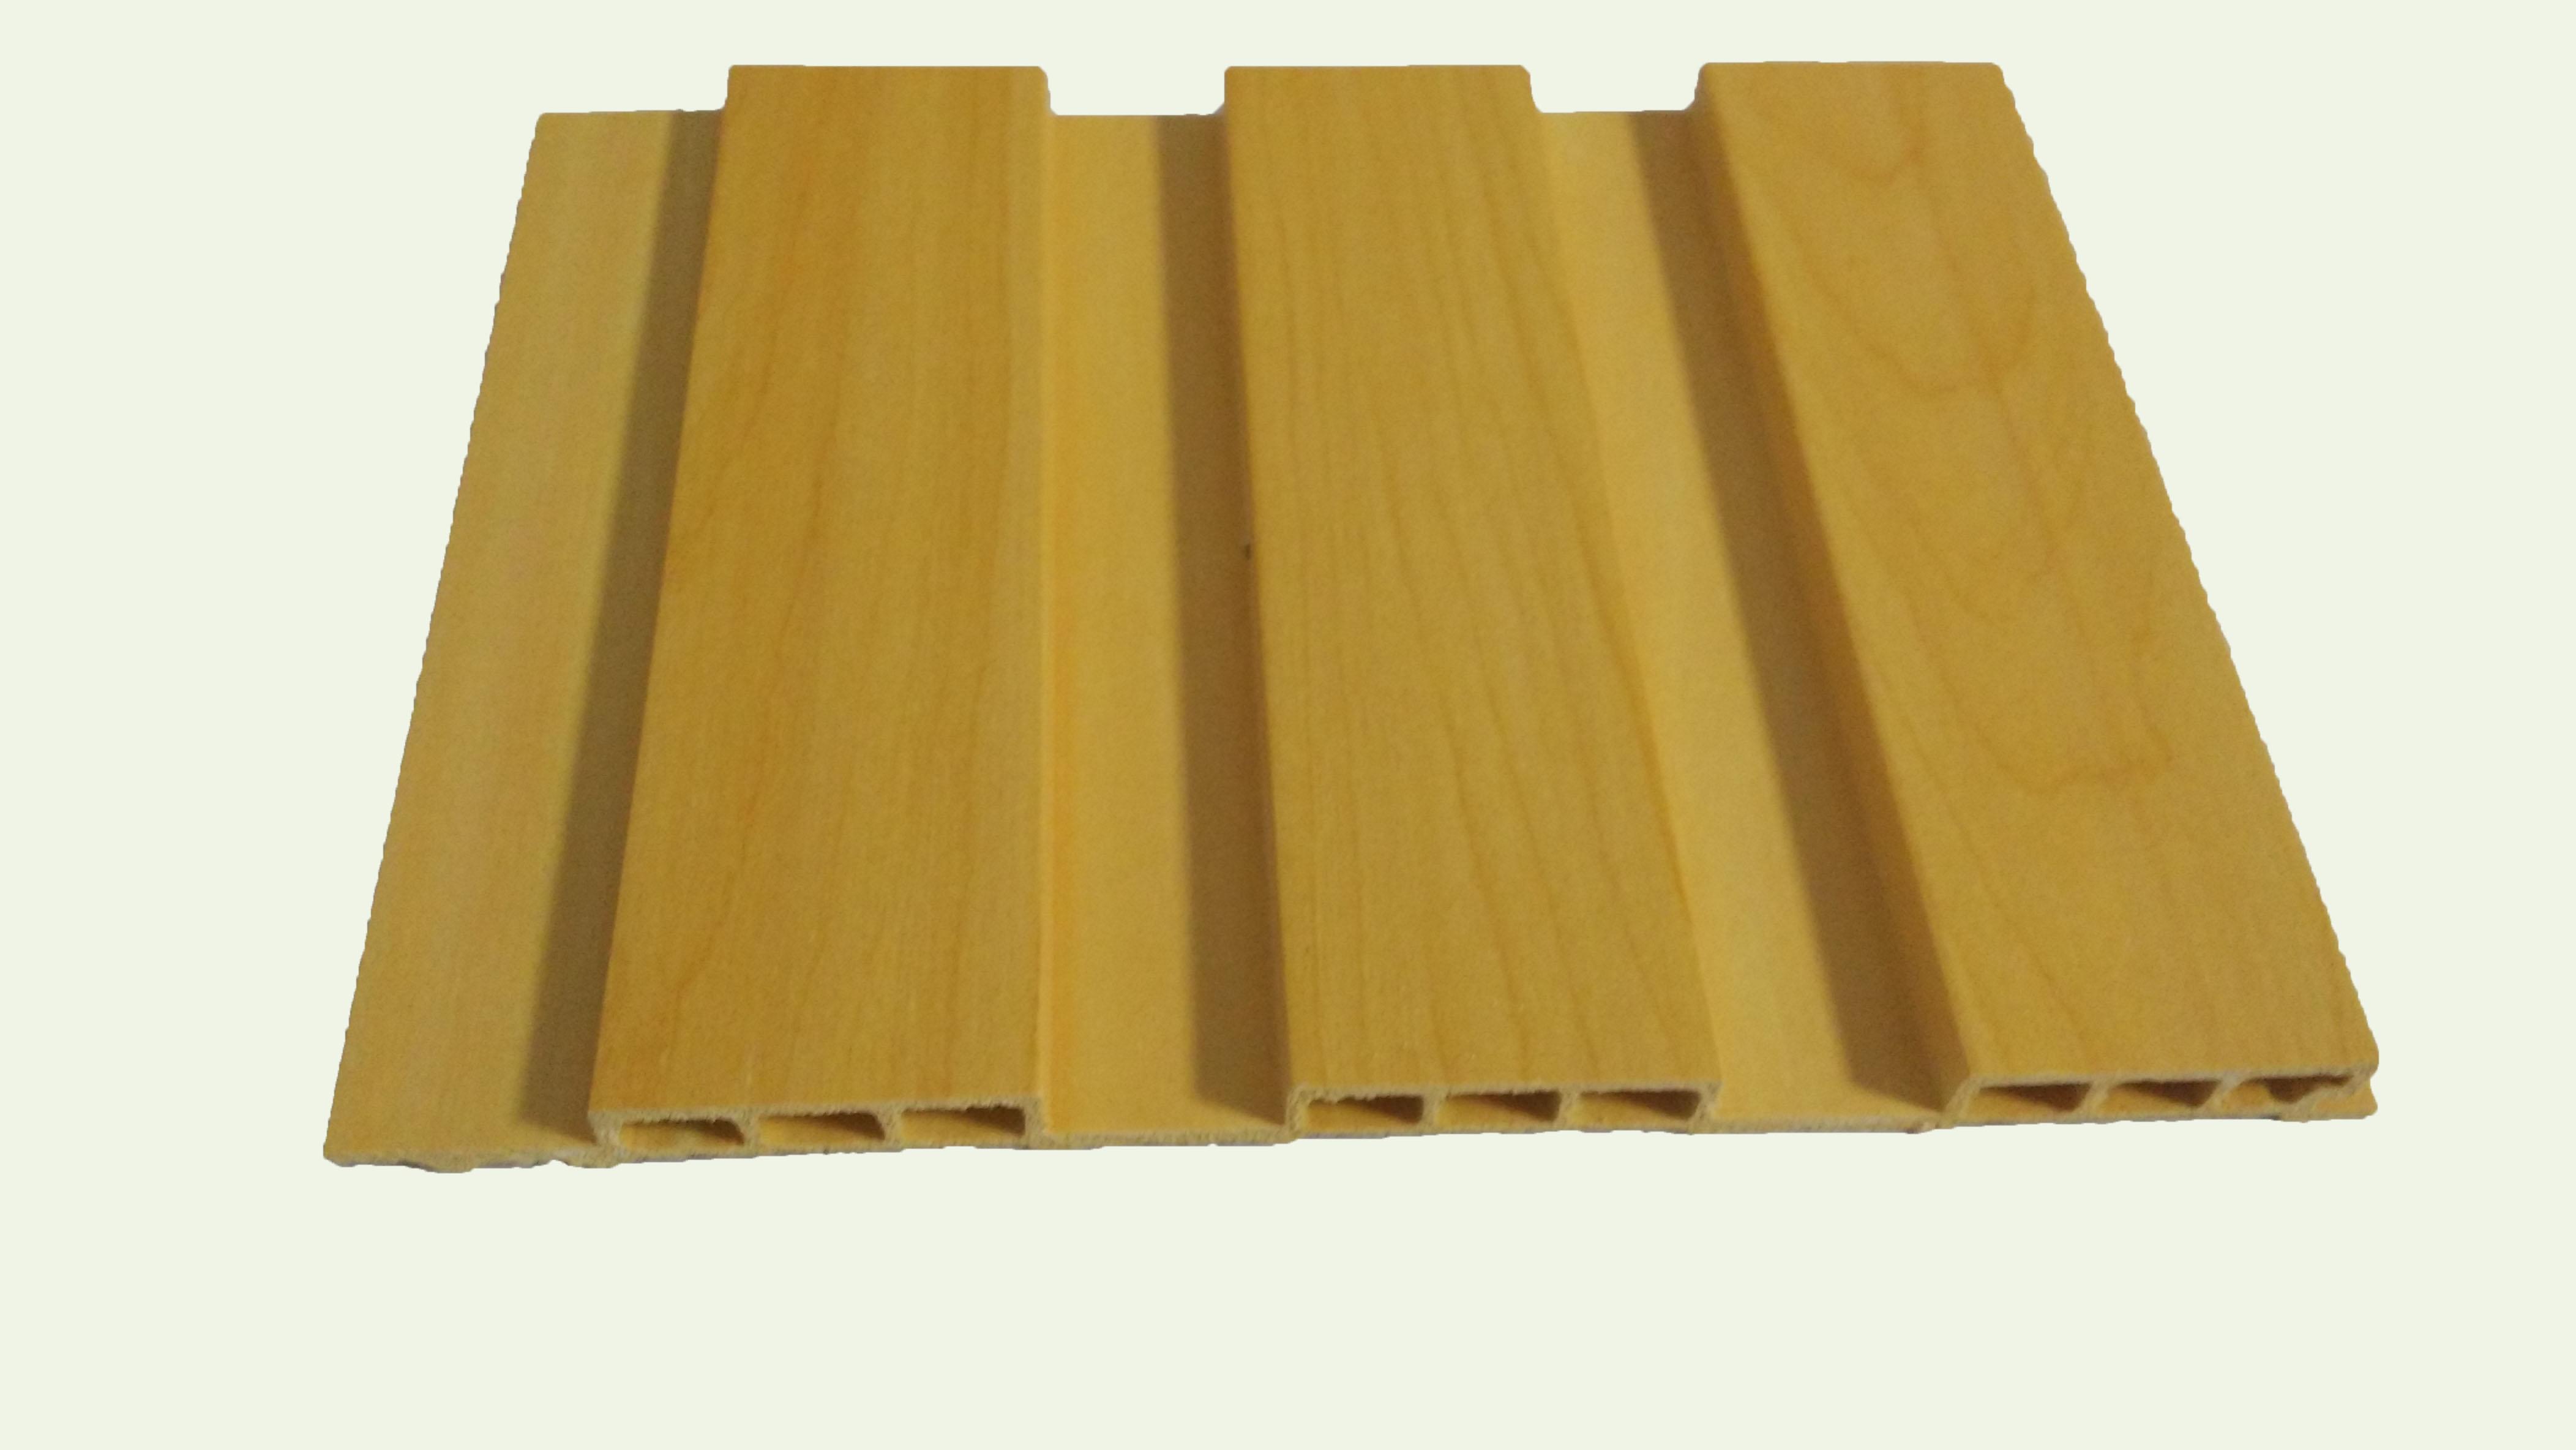 厂家供应南平东阳永康绿博生态木板绿可木组合吊顶天花隔断护墙幼儿园